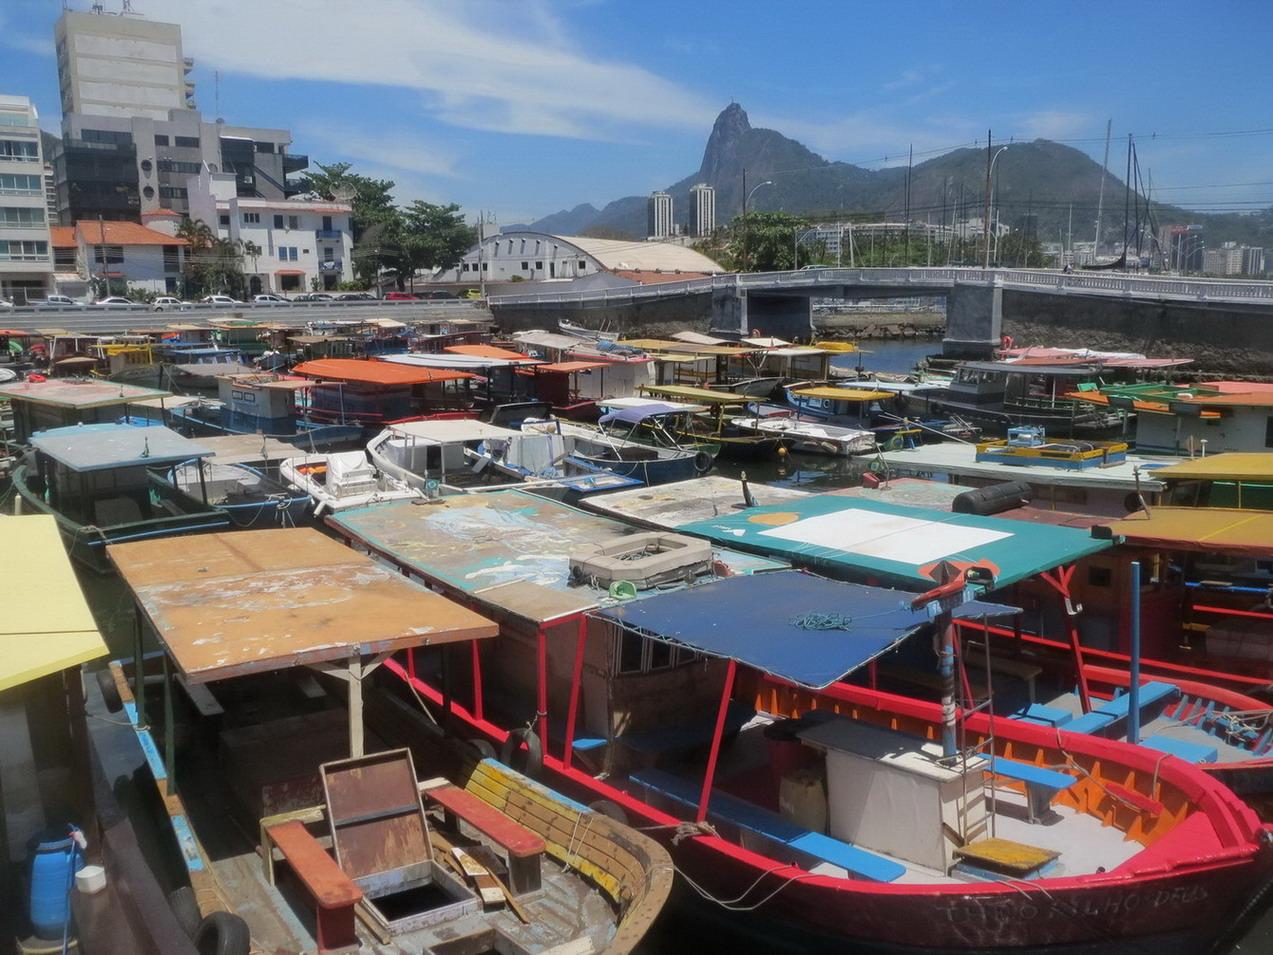 08. Urca, port de pêche résidentiel